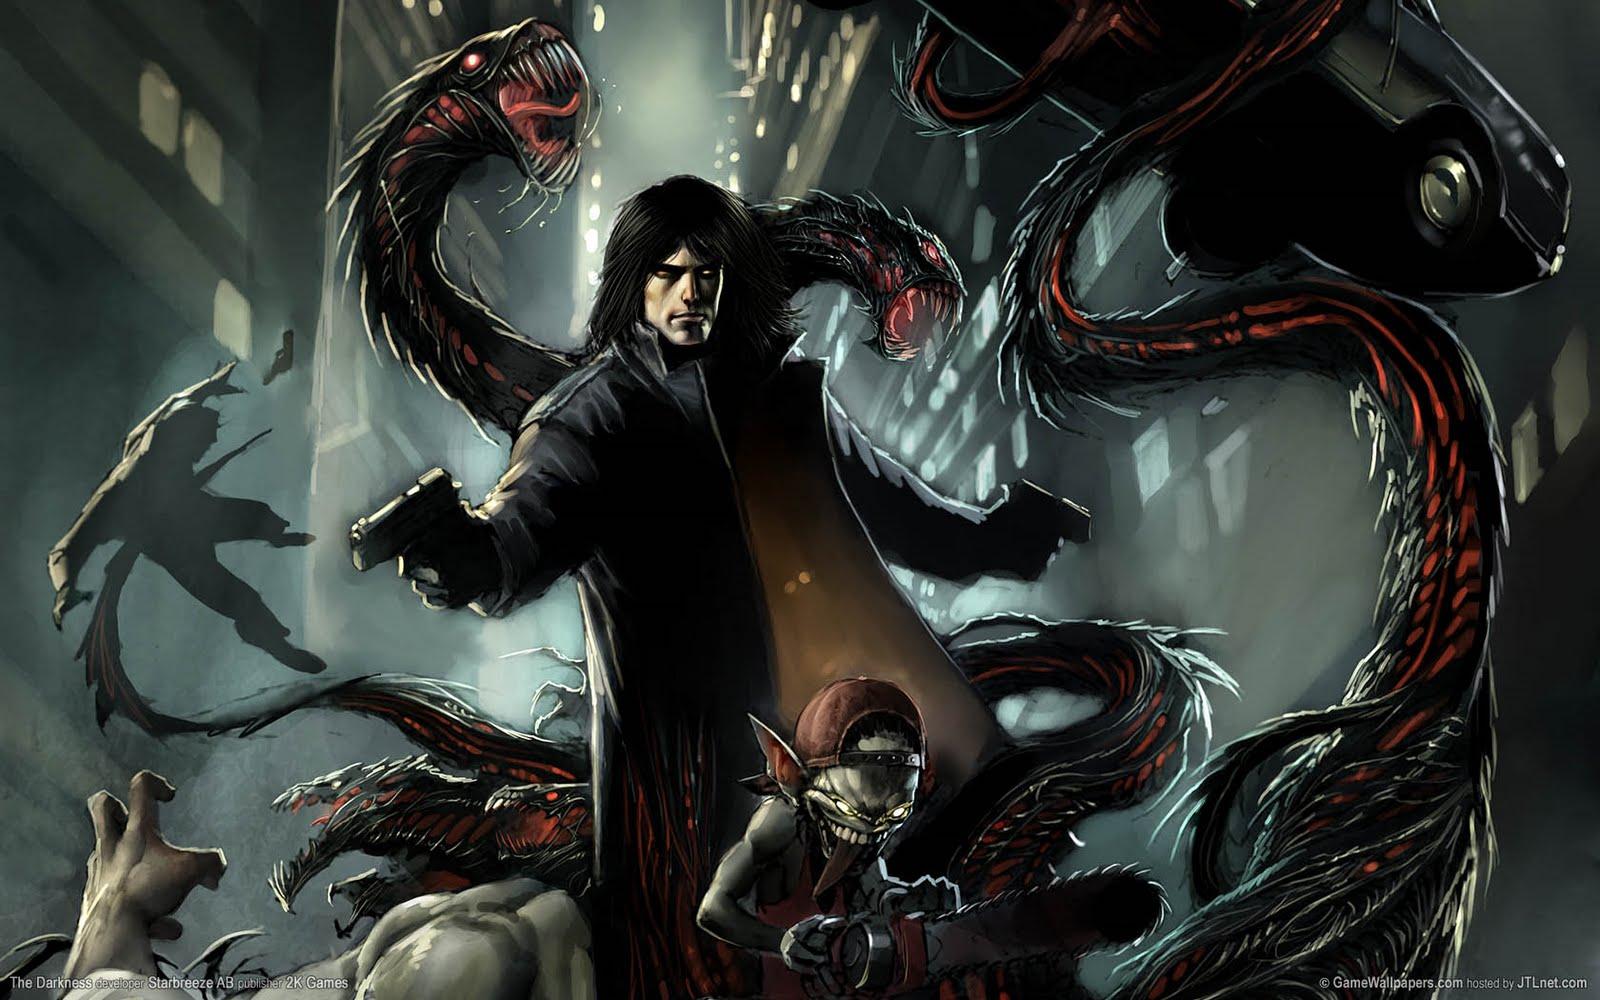 http://3.bp.blogspot.com/_kz5oYJyzpnE/TBawEtq49JI/AAAAAAAAAHQ/TkFjBMO8-f8/s1600/wallpaper_the_darkness_01_1680x1050.jpg